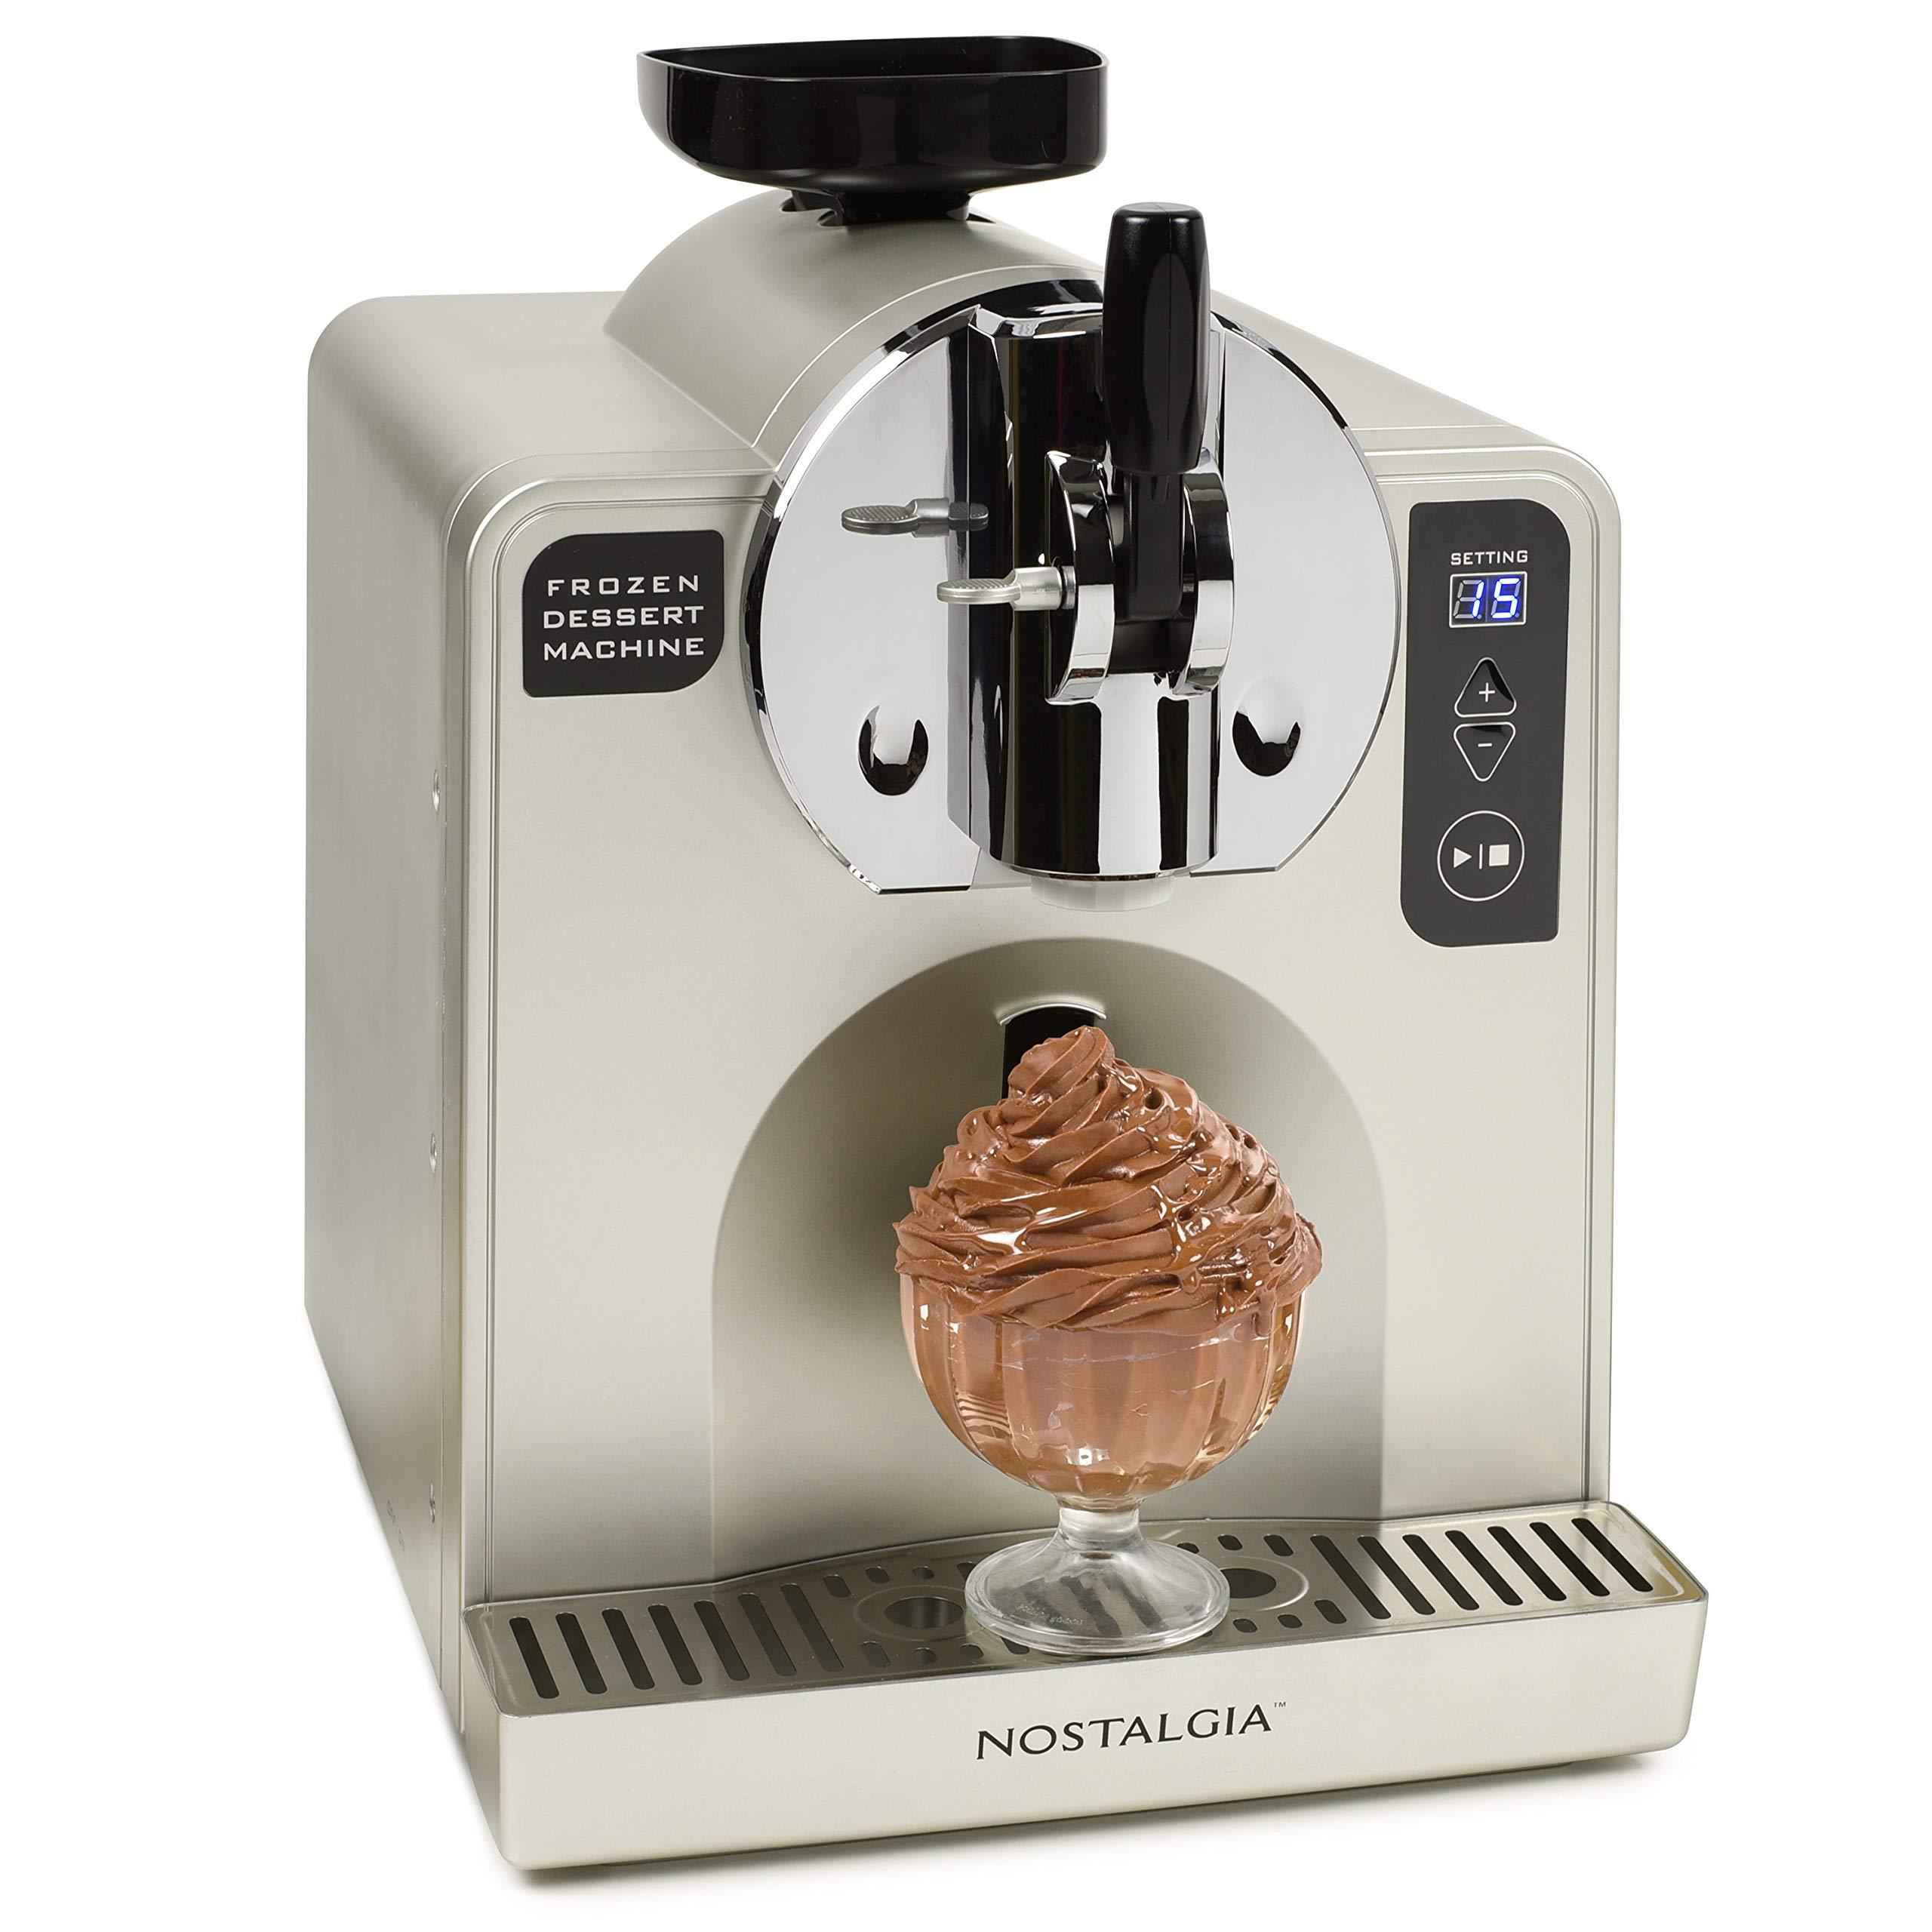 Nostalgia FDM1 Soft Serve Ice Cream & Frozen Dessert Machine, Stainless Steel